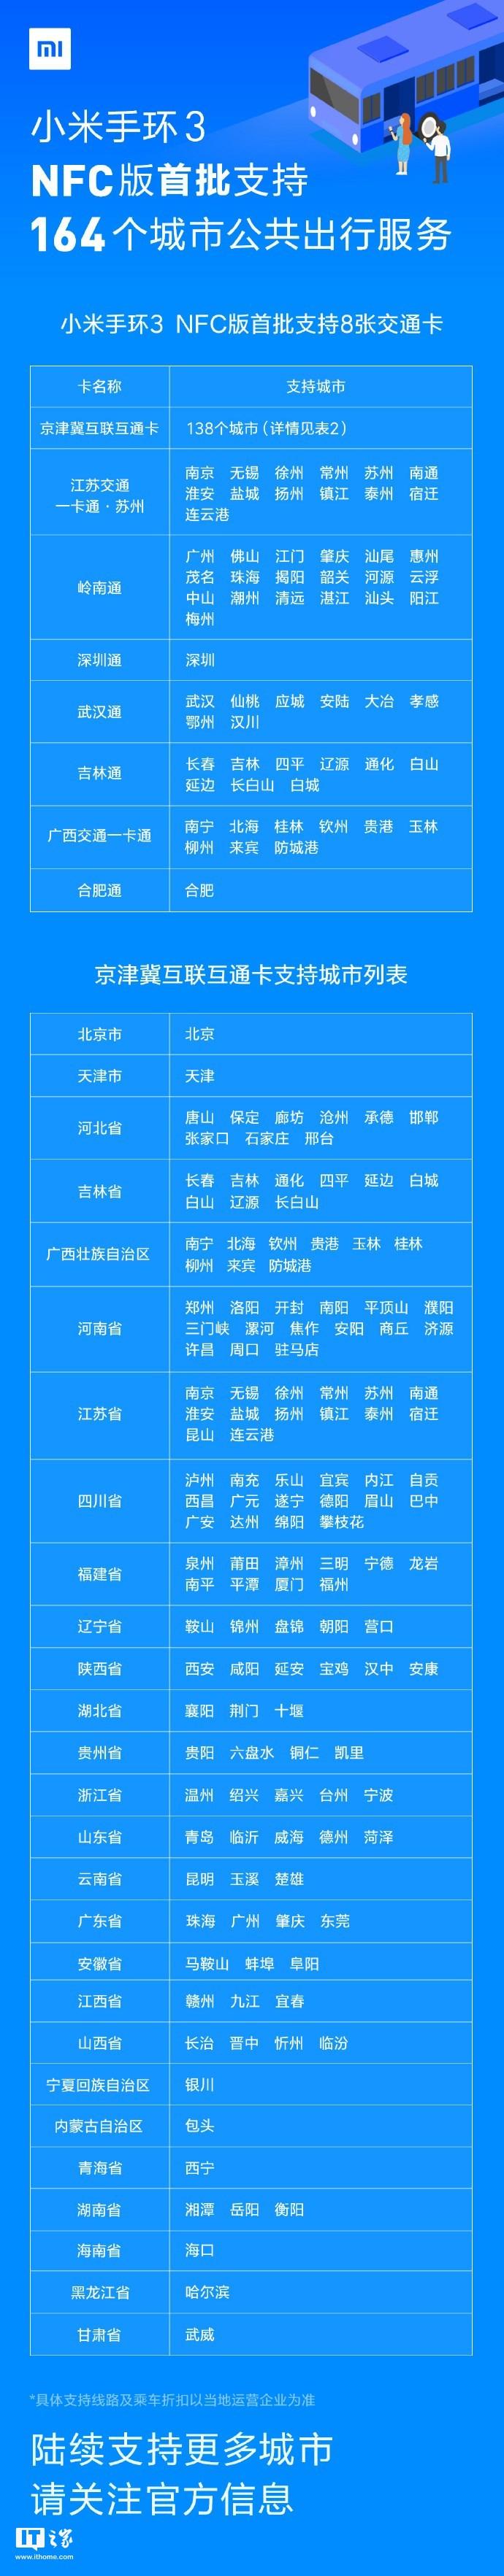 小米手环3 NFC版首批支持164个城市(附城市列表)